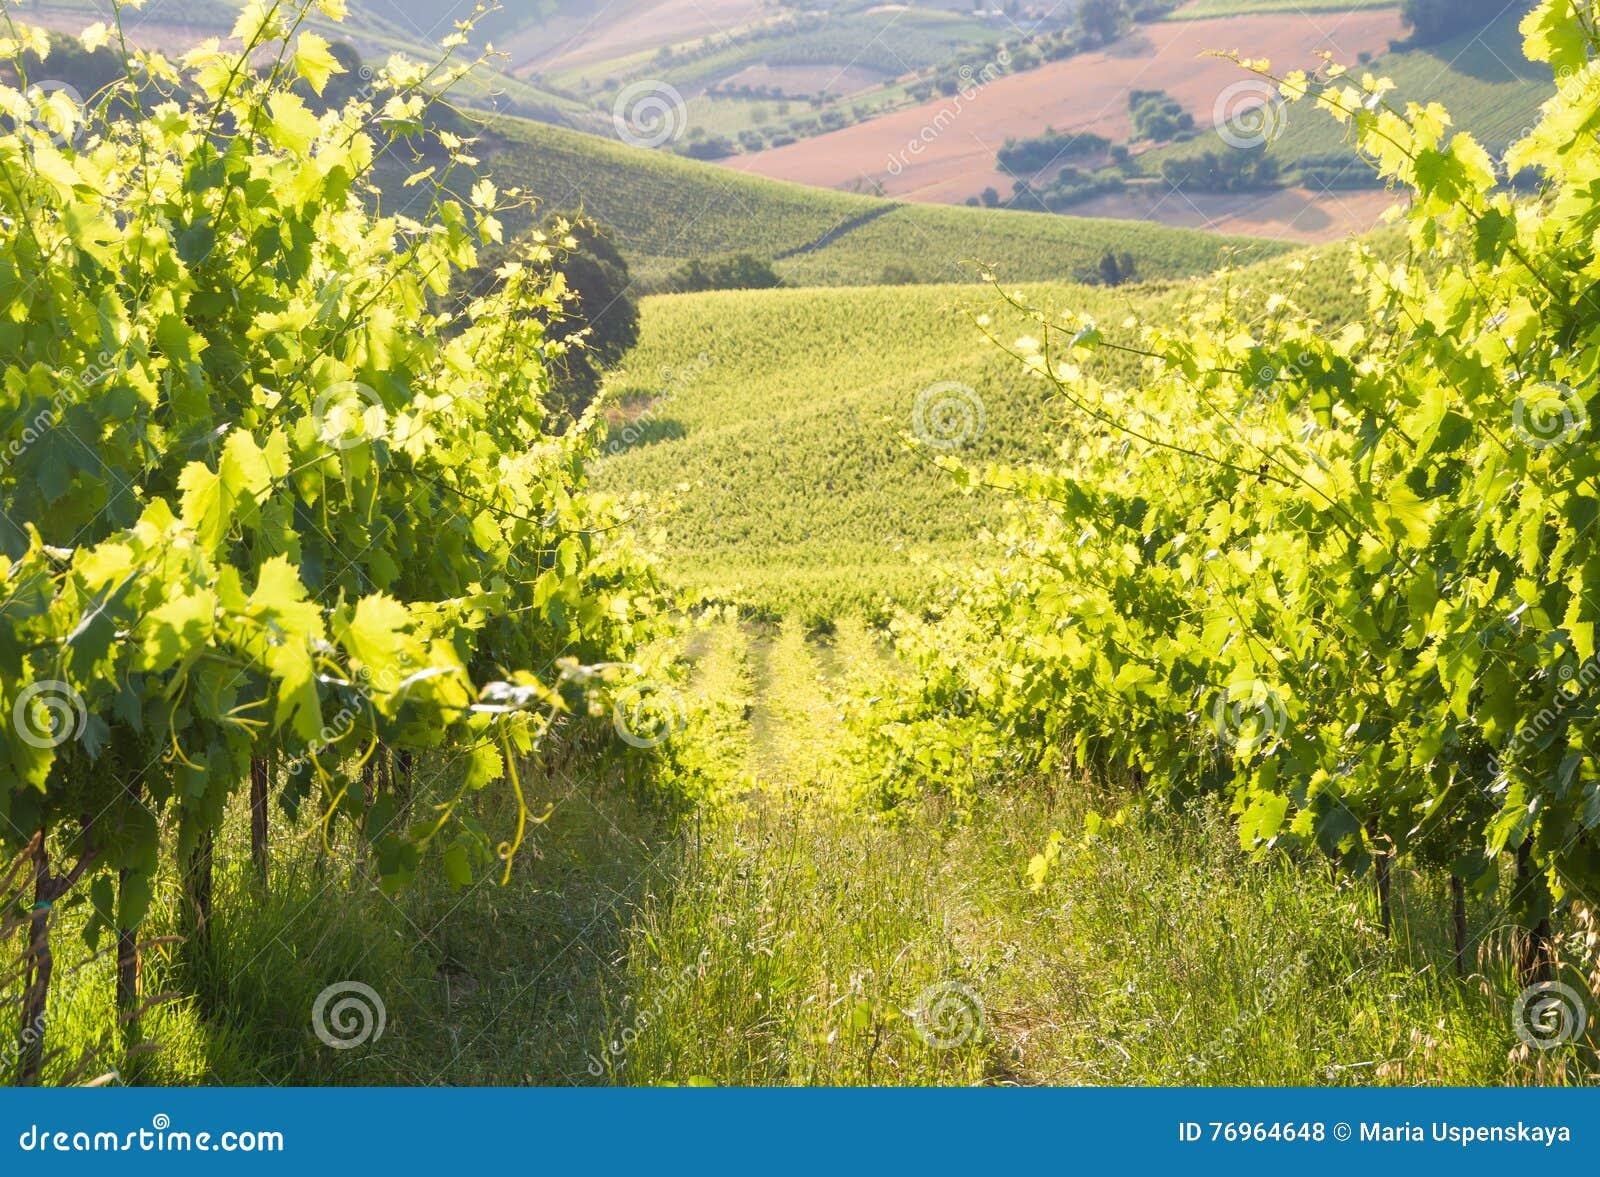 Paesaggio rurale con una vigna verde fra le colline